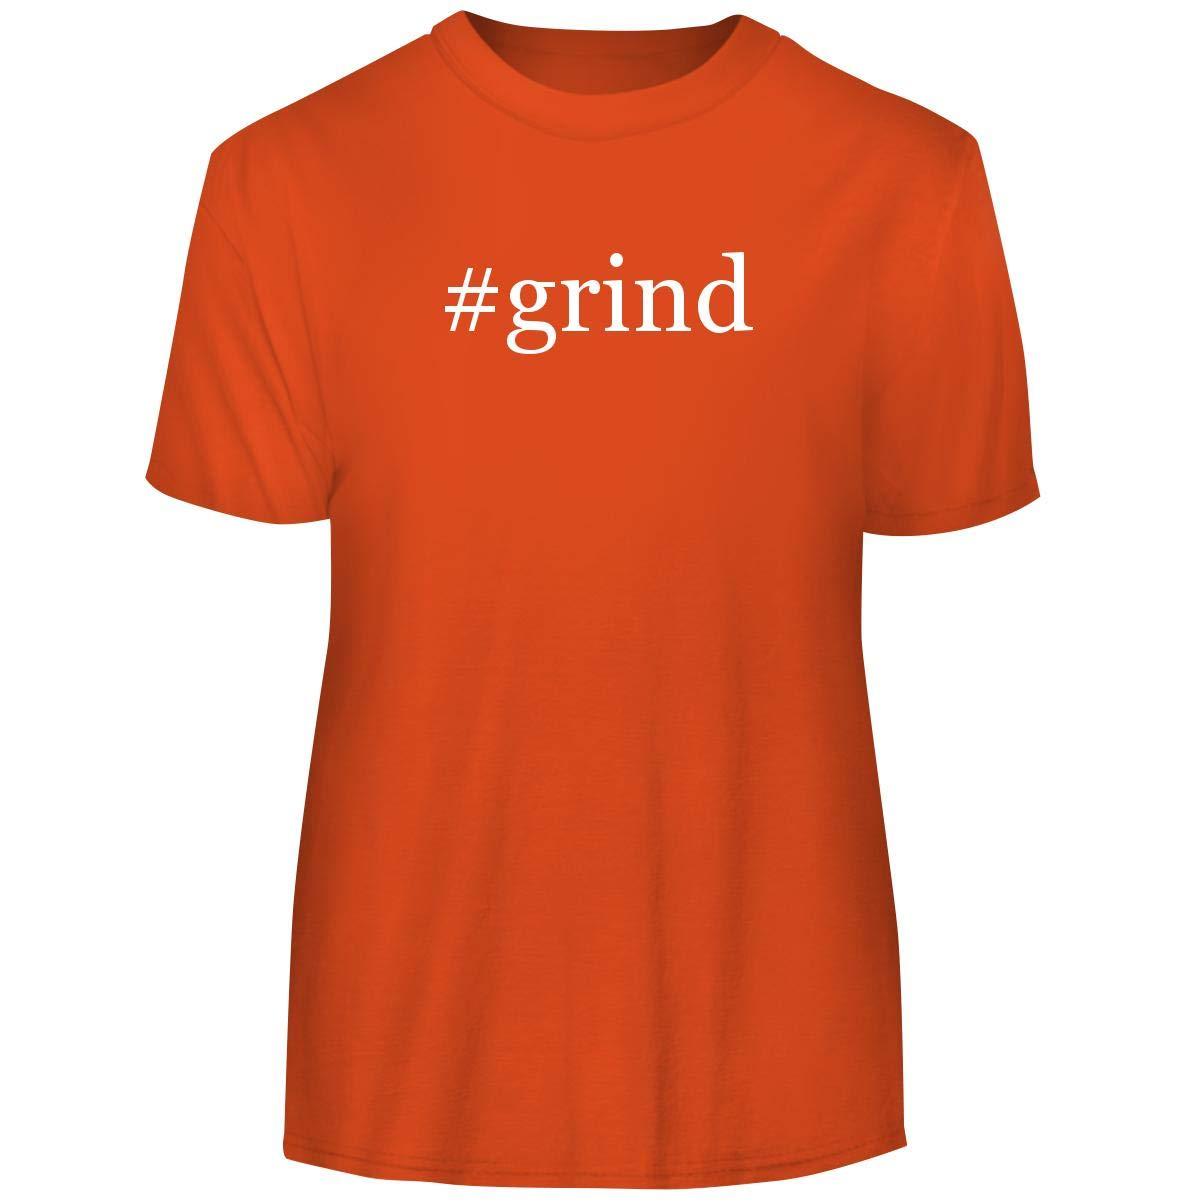 One Legging it Around #Grind - Hashtag Men